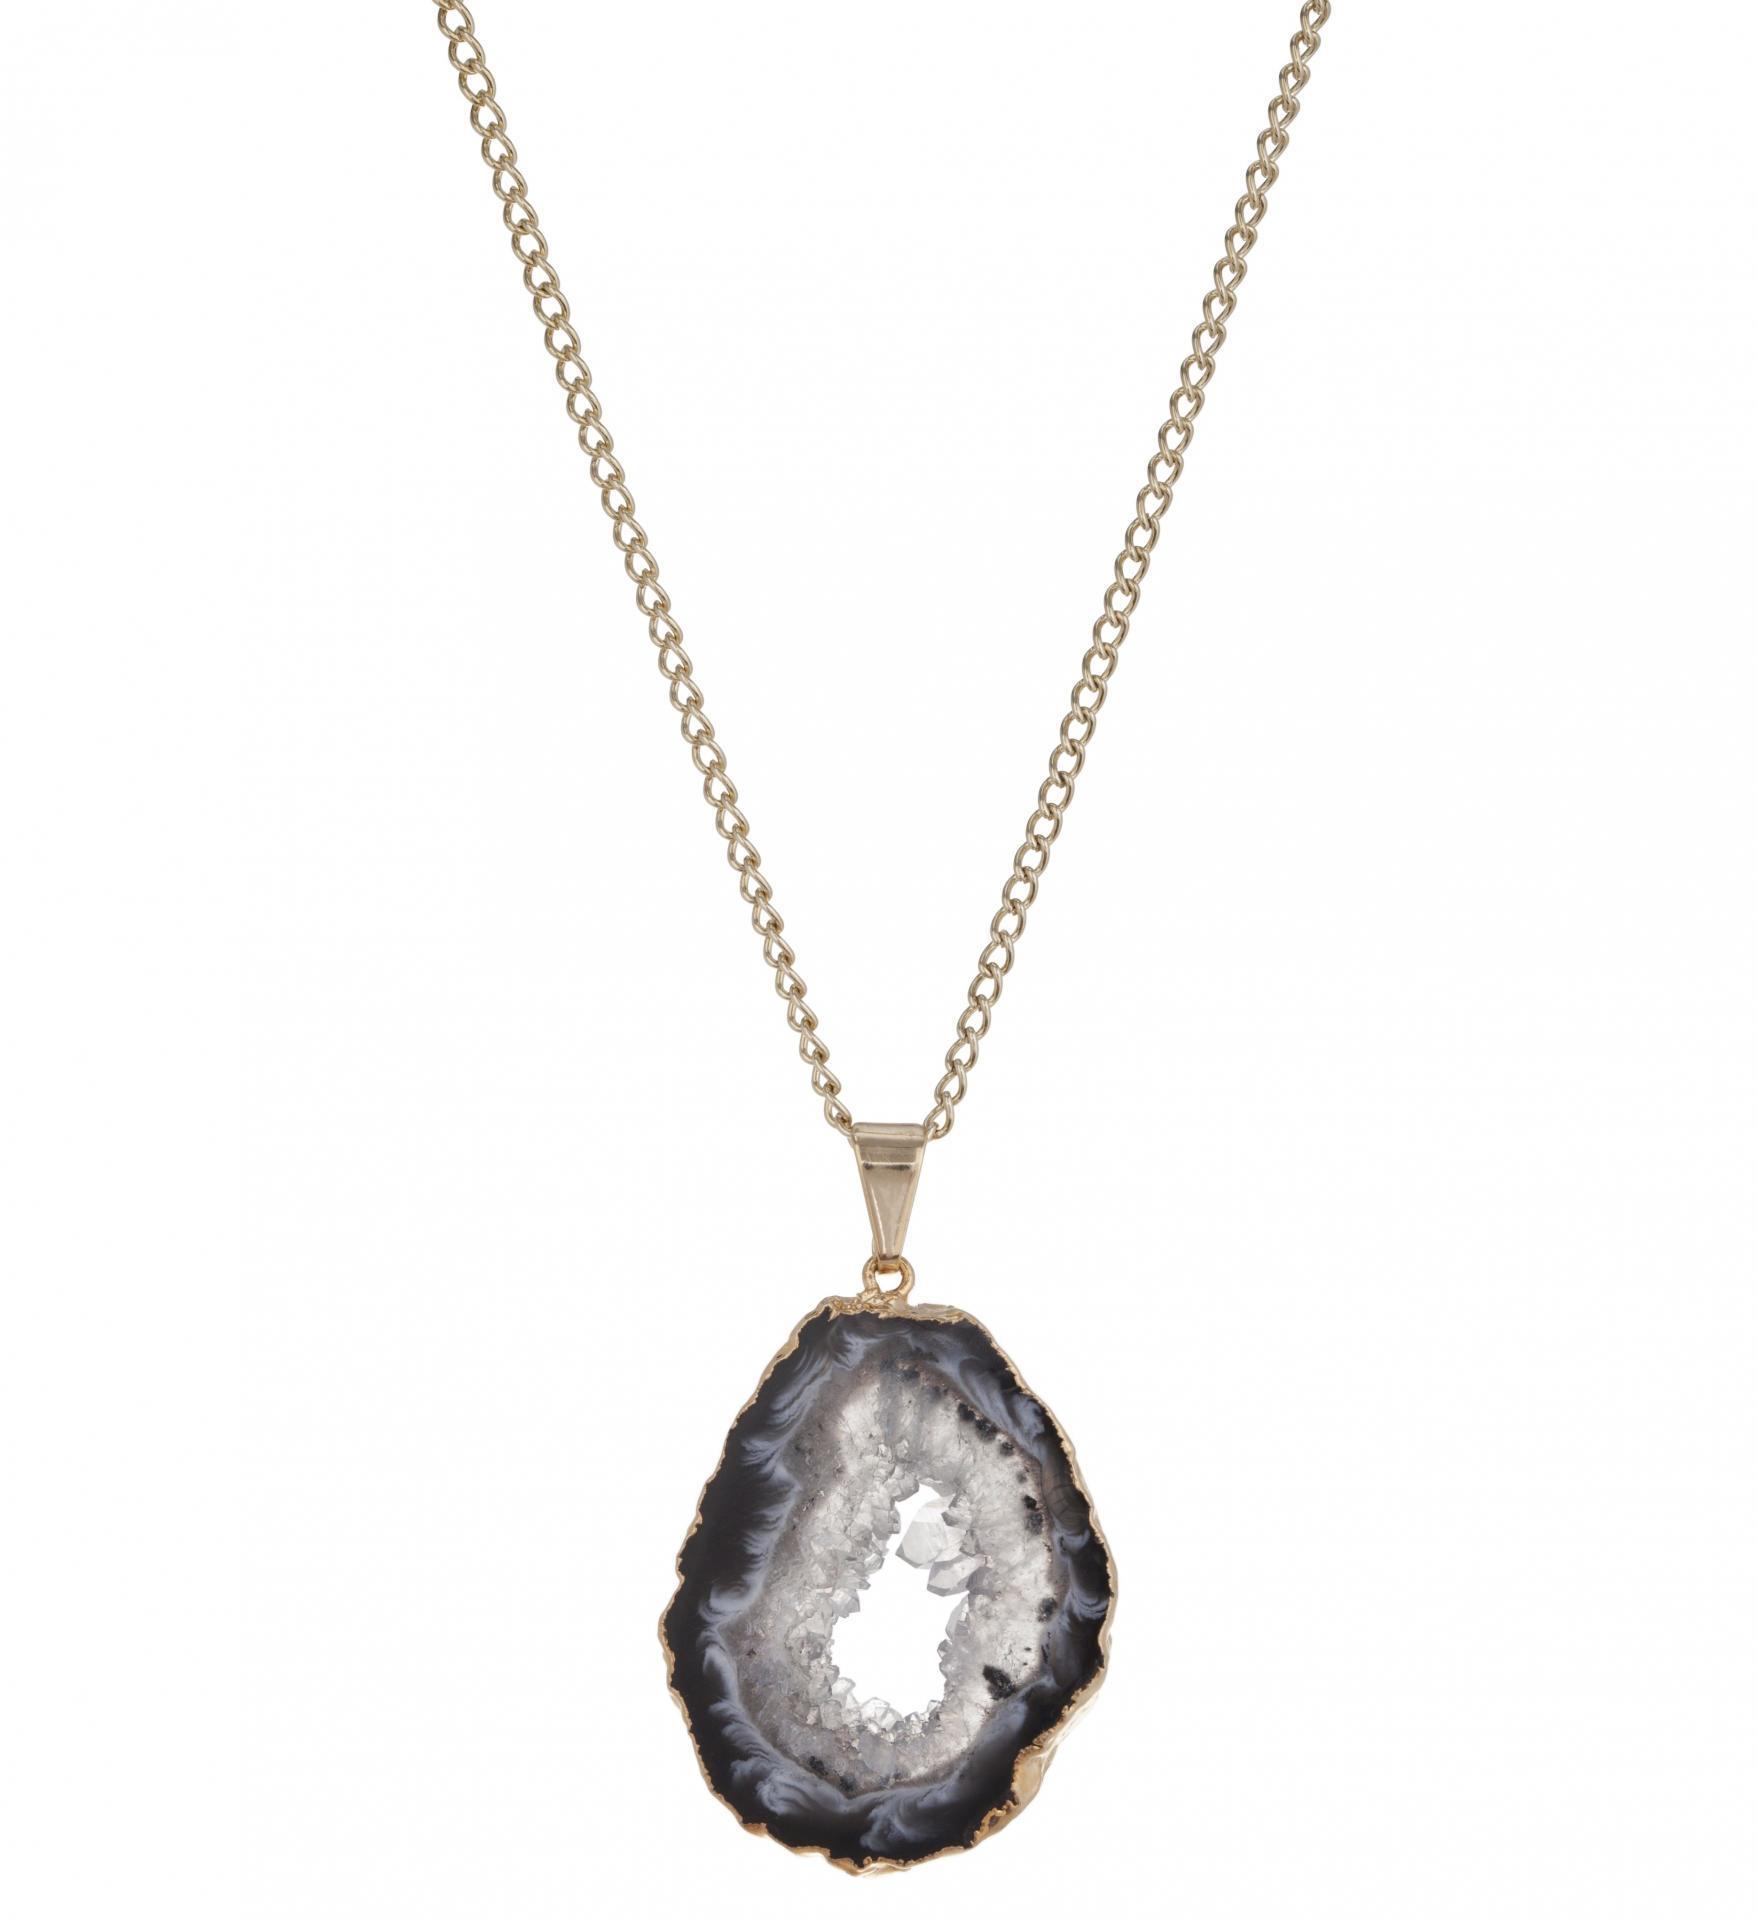 DECADORN Řetízek s přívěskem Geode Halo Grey/Gold, šedá barva, zlatá barva, kov, kámen